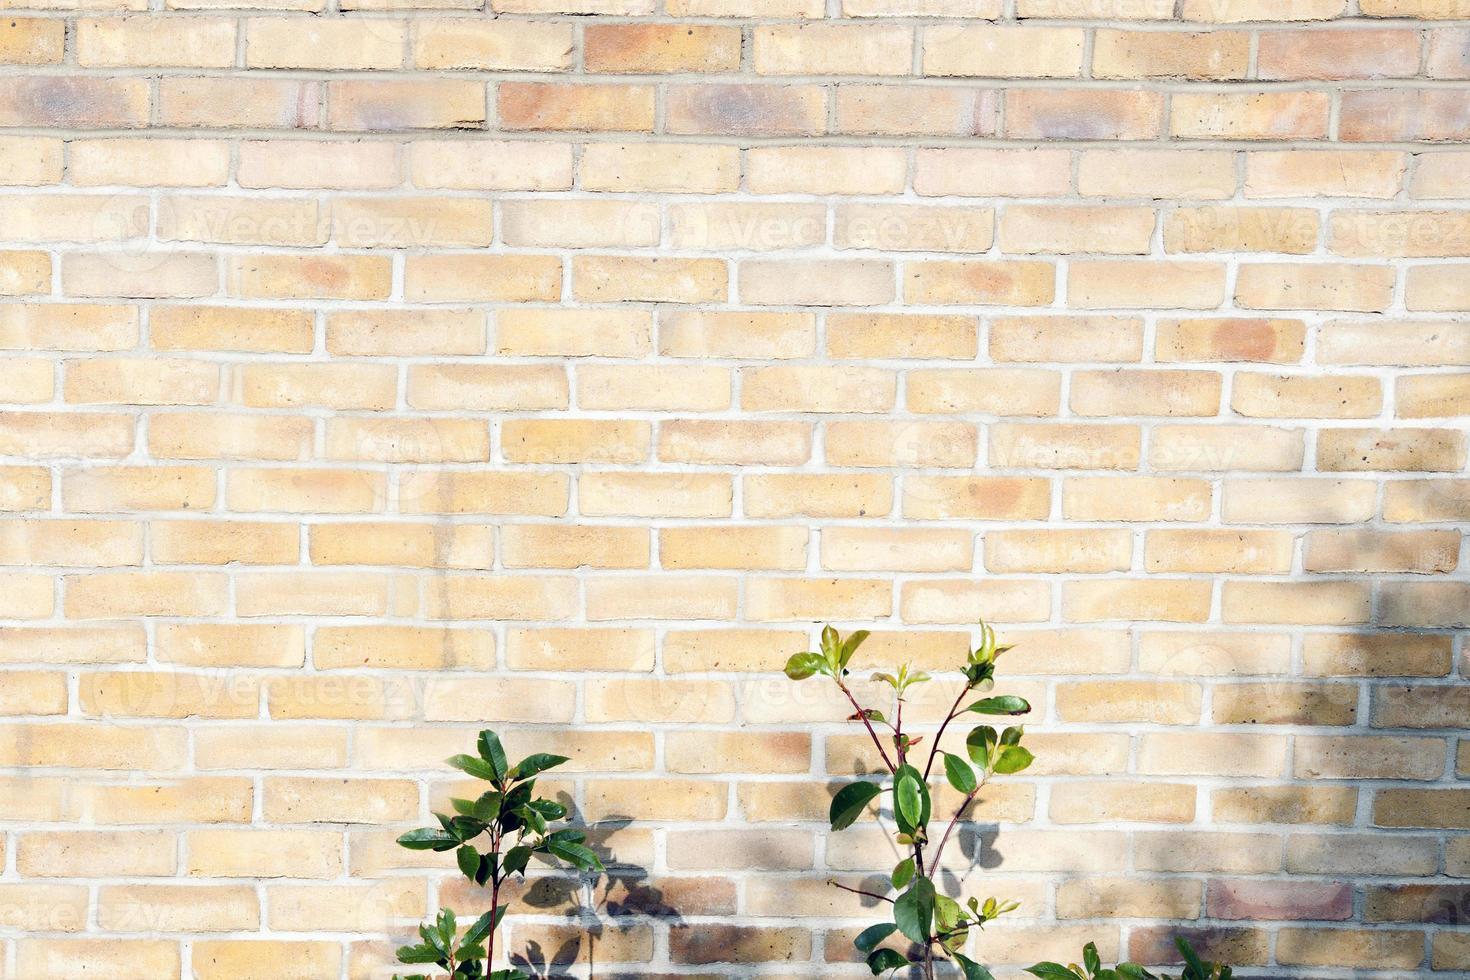 planta en una pared de ladrillos foto